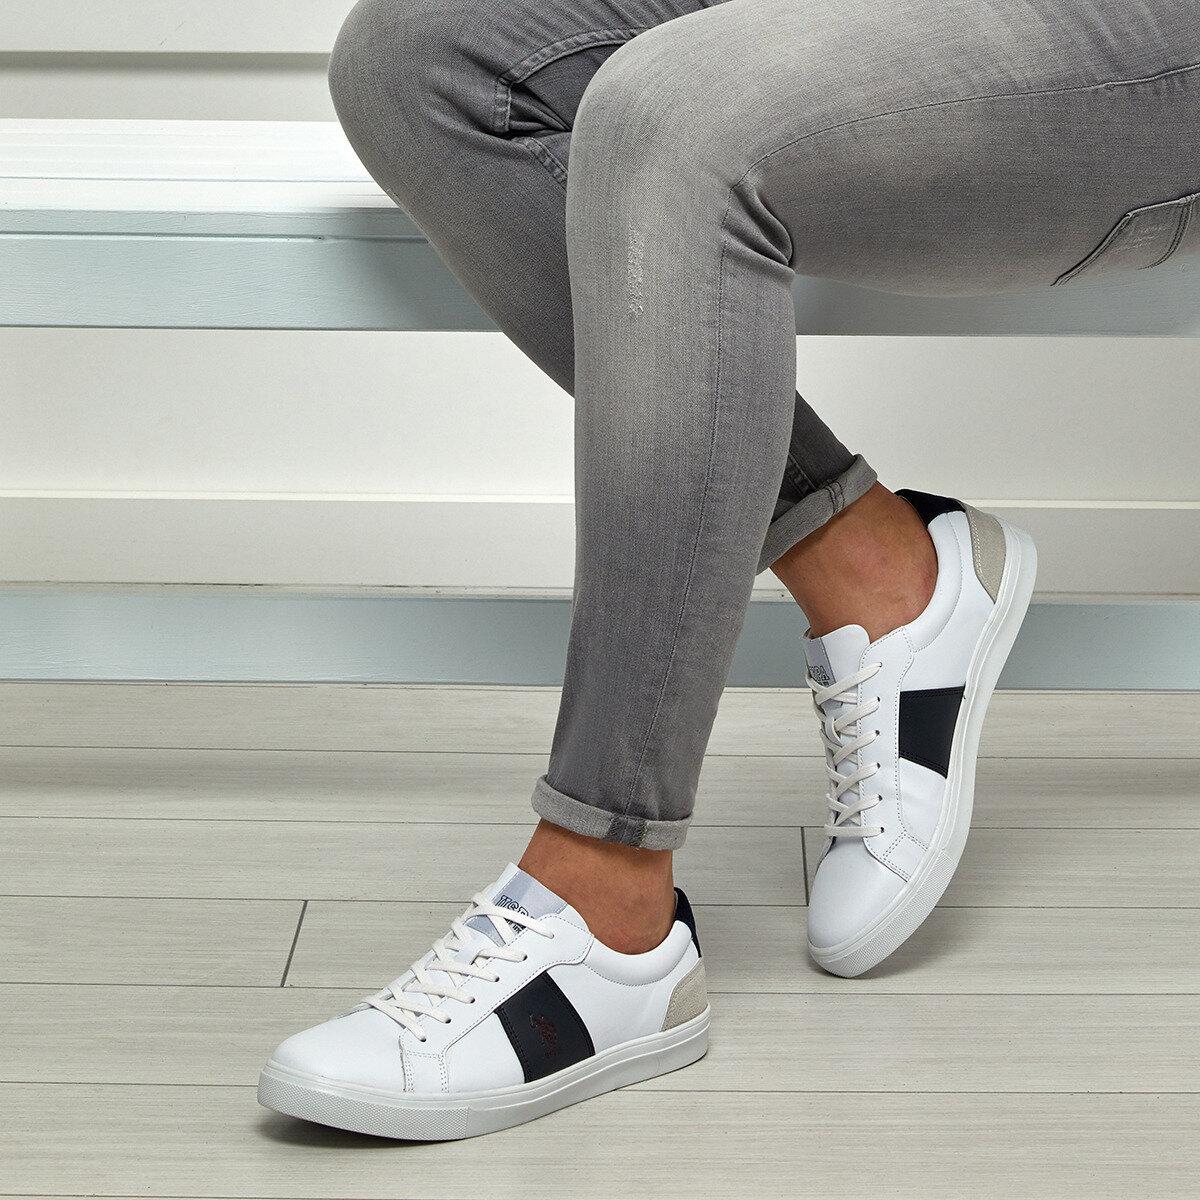 FLO ALEN White Men 'S Sneaker Shoes U.S. POLO ASSN.